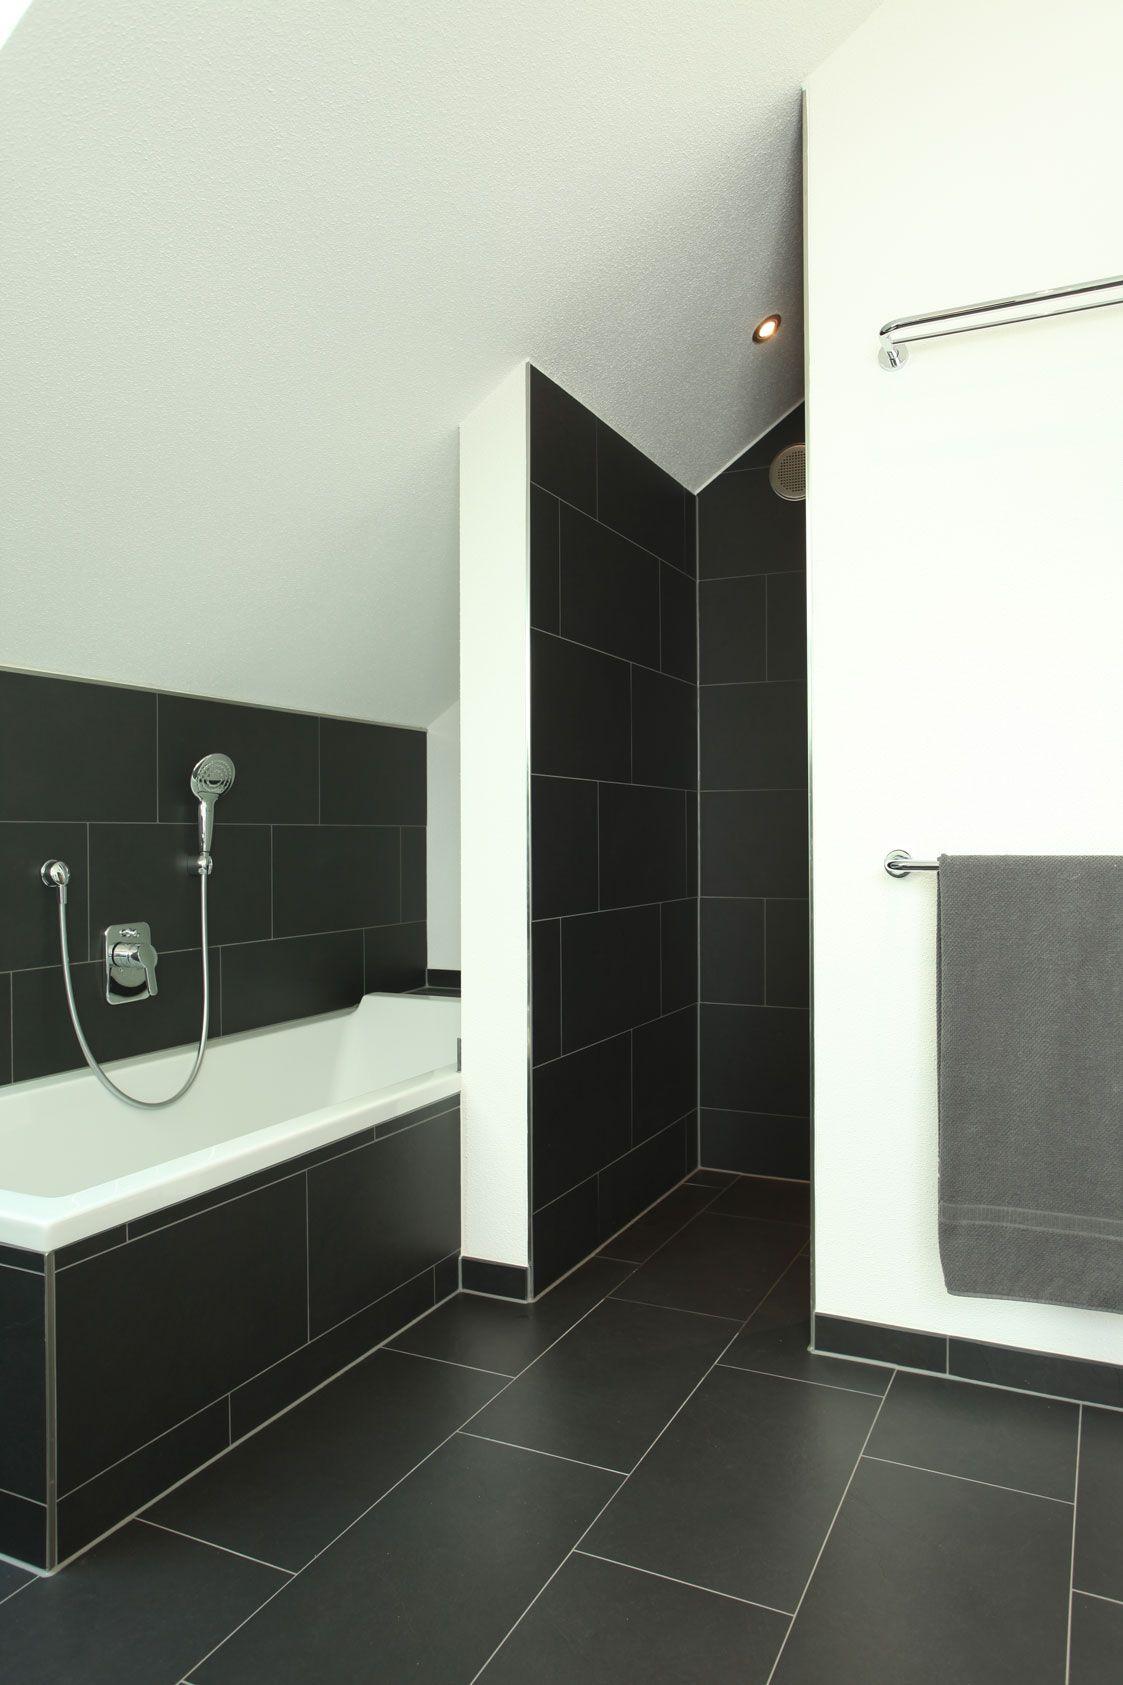 Duschnische Und Badewanne Mit Dunklen Fliesen Badezimmer Fliesen Dunkle Badezimmer Badezimmer